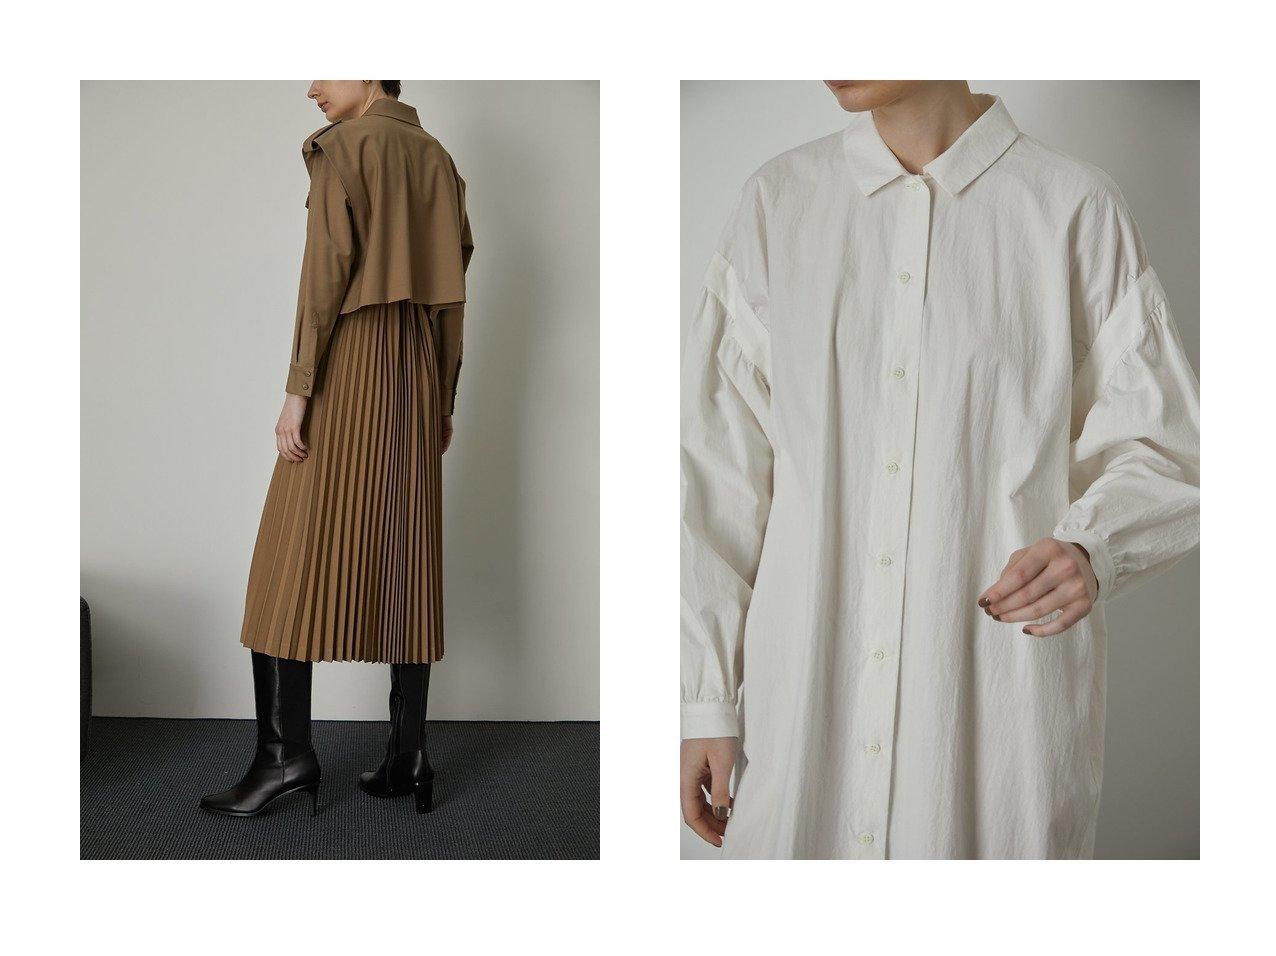 【RIM.ARK/リムアーク】のワンピース&ワンピース RIM.ARKのおすすめ!人気、トレンド・レディースファッションの通販 おすすめで人気の流行・トレンド、ファッションの通販商品 メンズファッション・キッズファッション・インテリア・家具・レディースファッション・服の通販 founy(ファニー) https://founy.com/ ファッション Fashion レディースファッション WOMEN ワンピース Dress 2021年 2021 2021 春夏 S/S SS Spring/Summer 2021 S/S 春夏 SS Spring/Summer インド ショート ジャケット トレンチ プリーツ ロング 春 Spring |ID:crp329100000018759